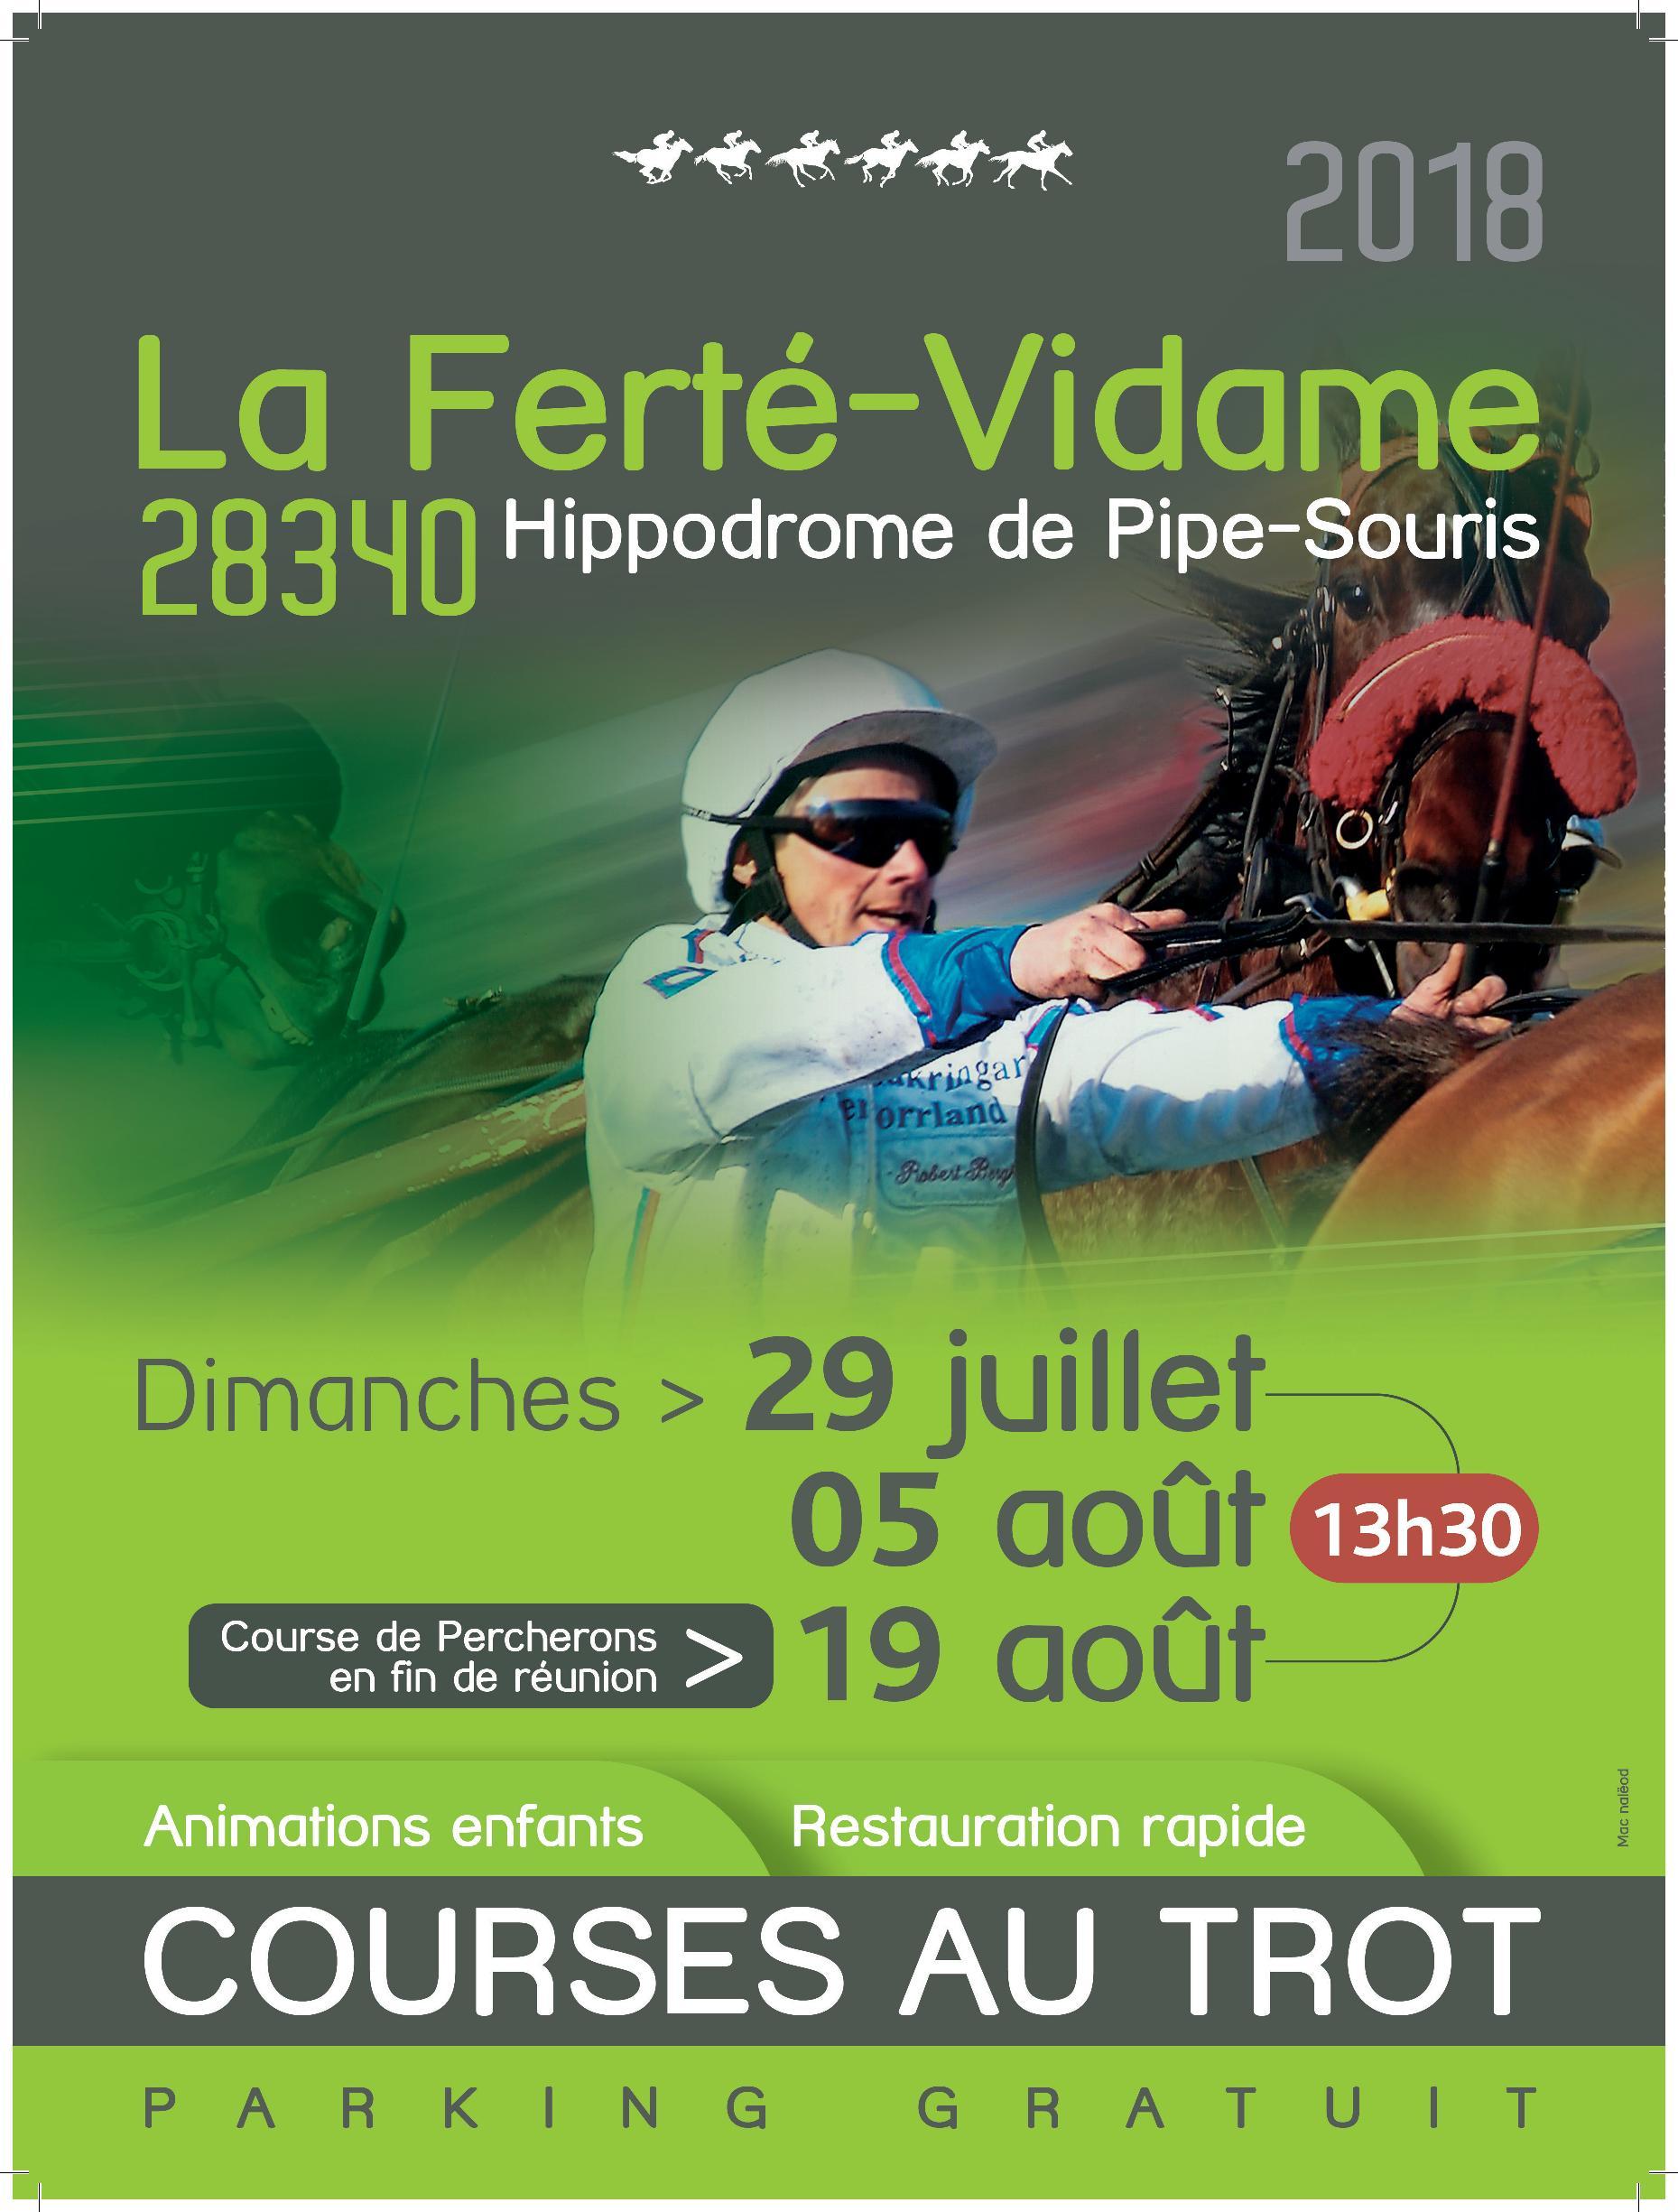 Programme des courses 2018 La Ferté Vidame